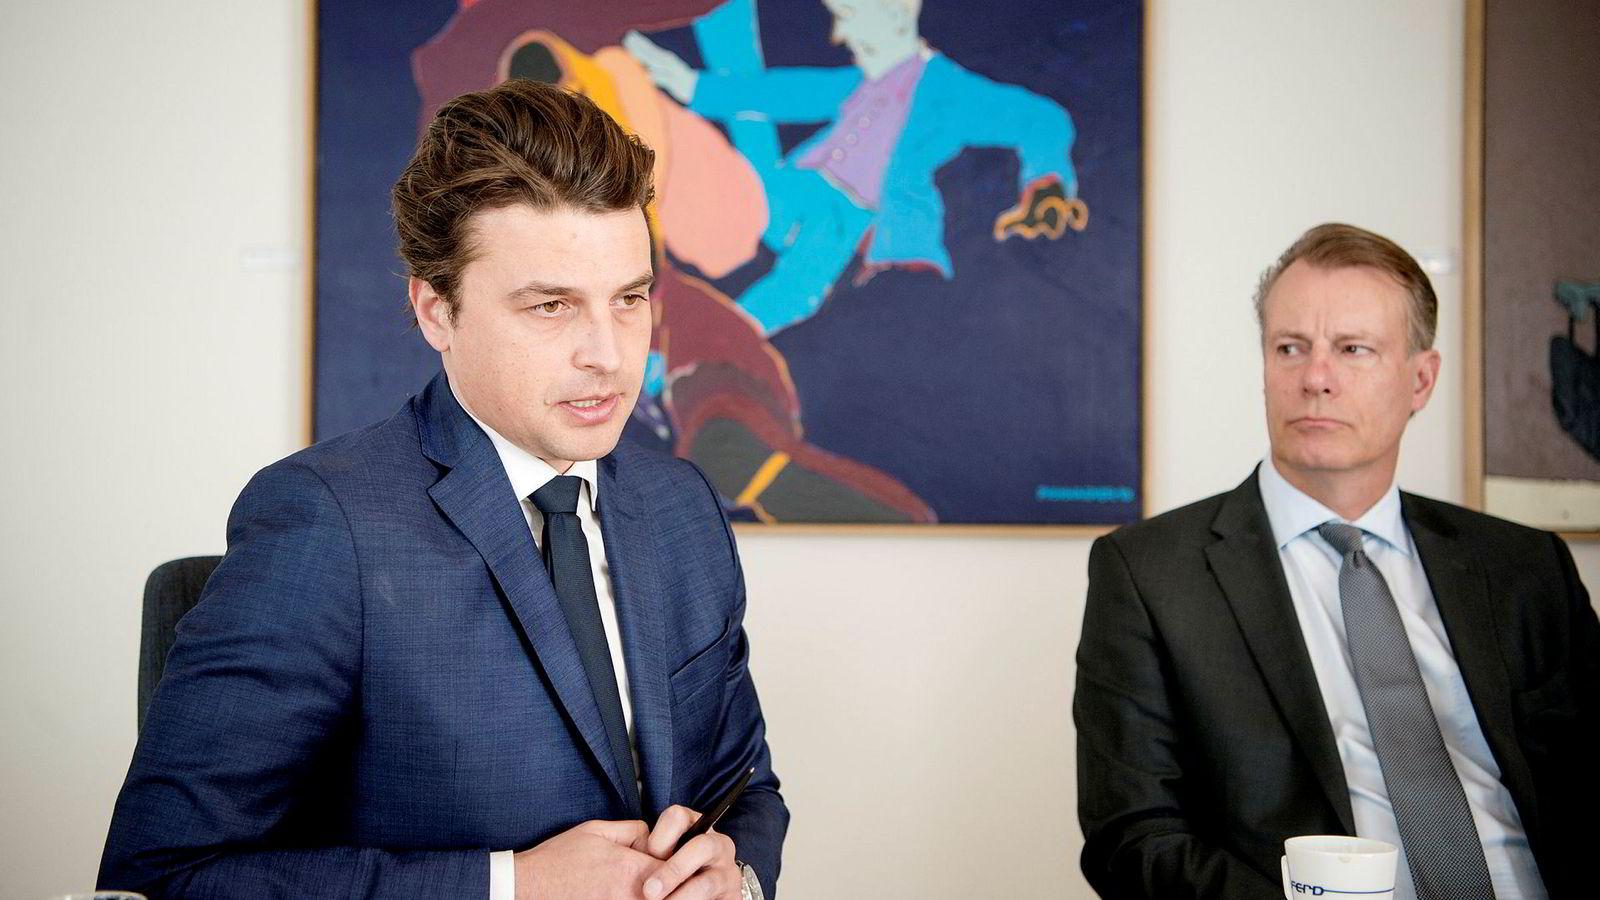 PGS har så langt vært en trist affære for konsernsjef Morten Borge og Ferd-eier Johan H. Andresen.